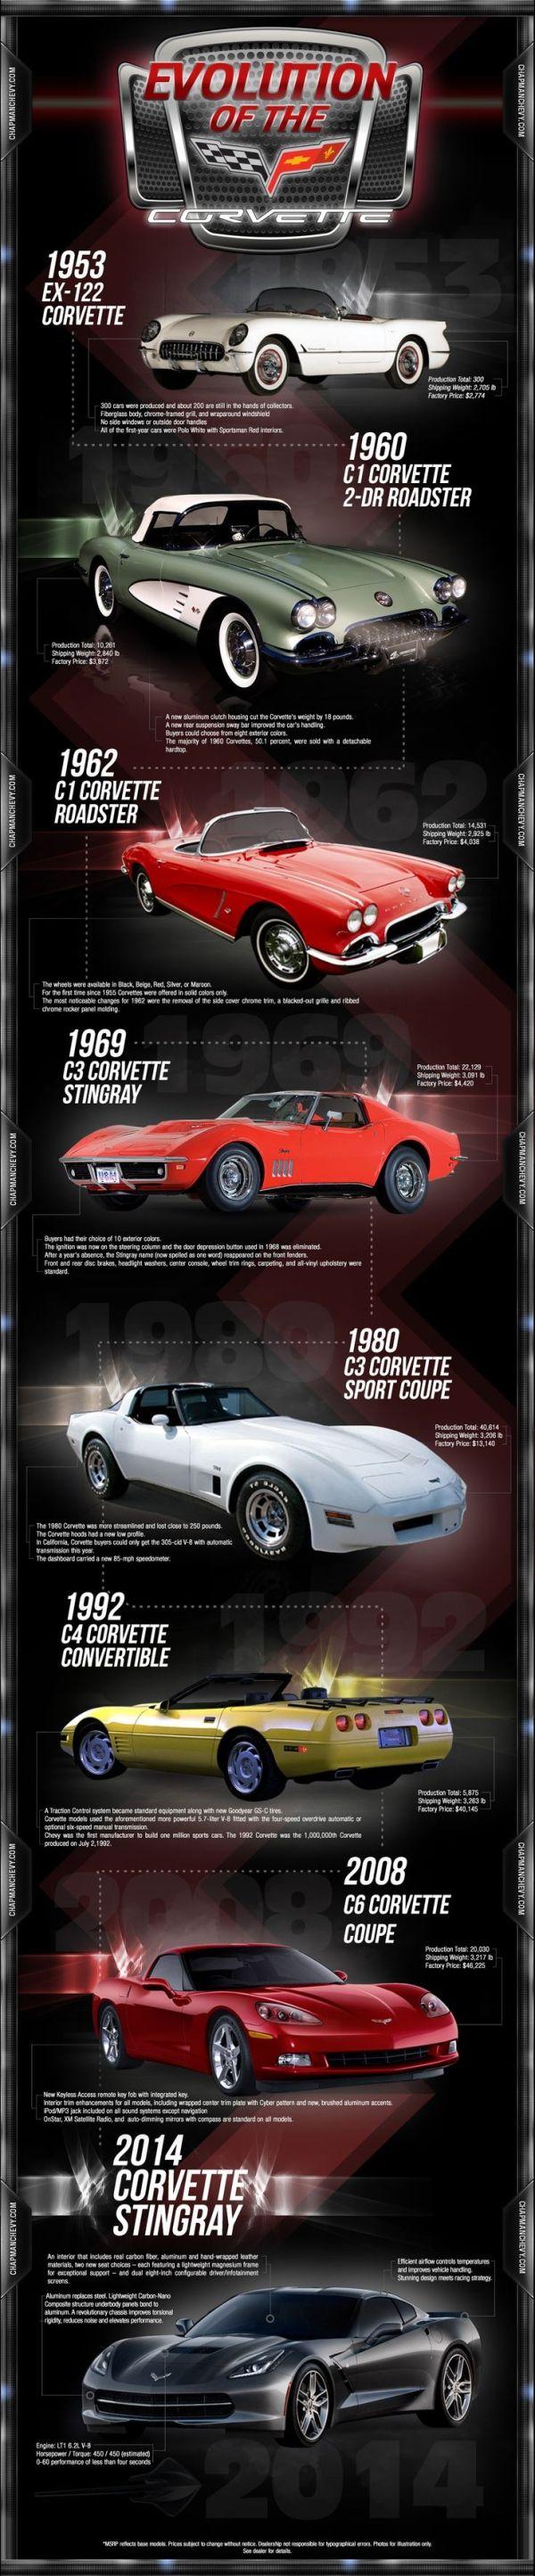 """""""Эволюция Corvette"""" ... Привлечены к вам Доме # Insurance # Юджин, штат Орегон # 97401 www.myhouseofinsurance.com королевой"""